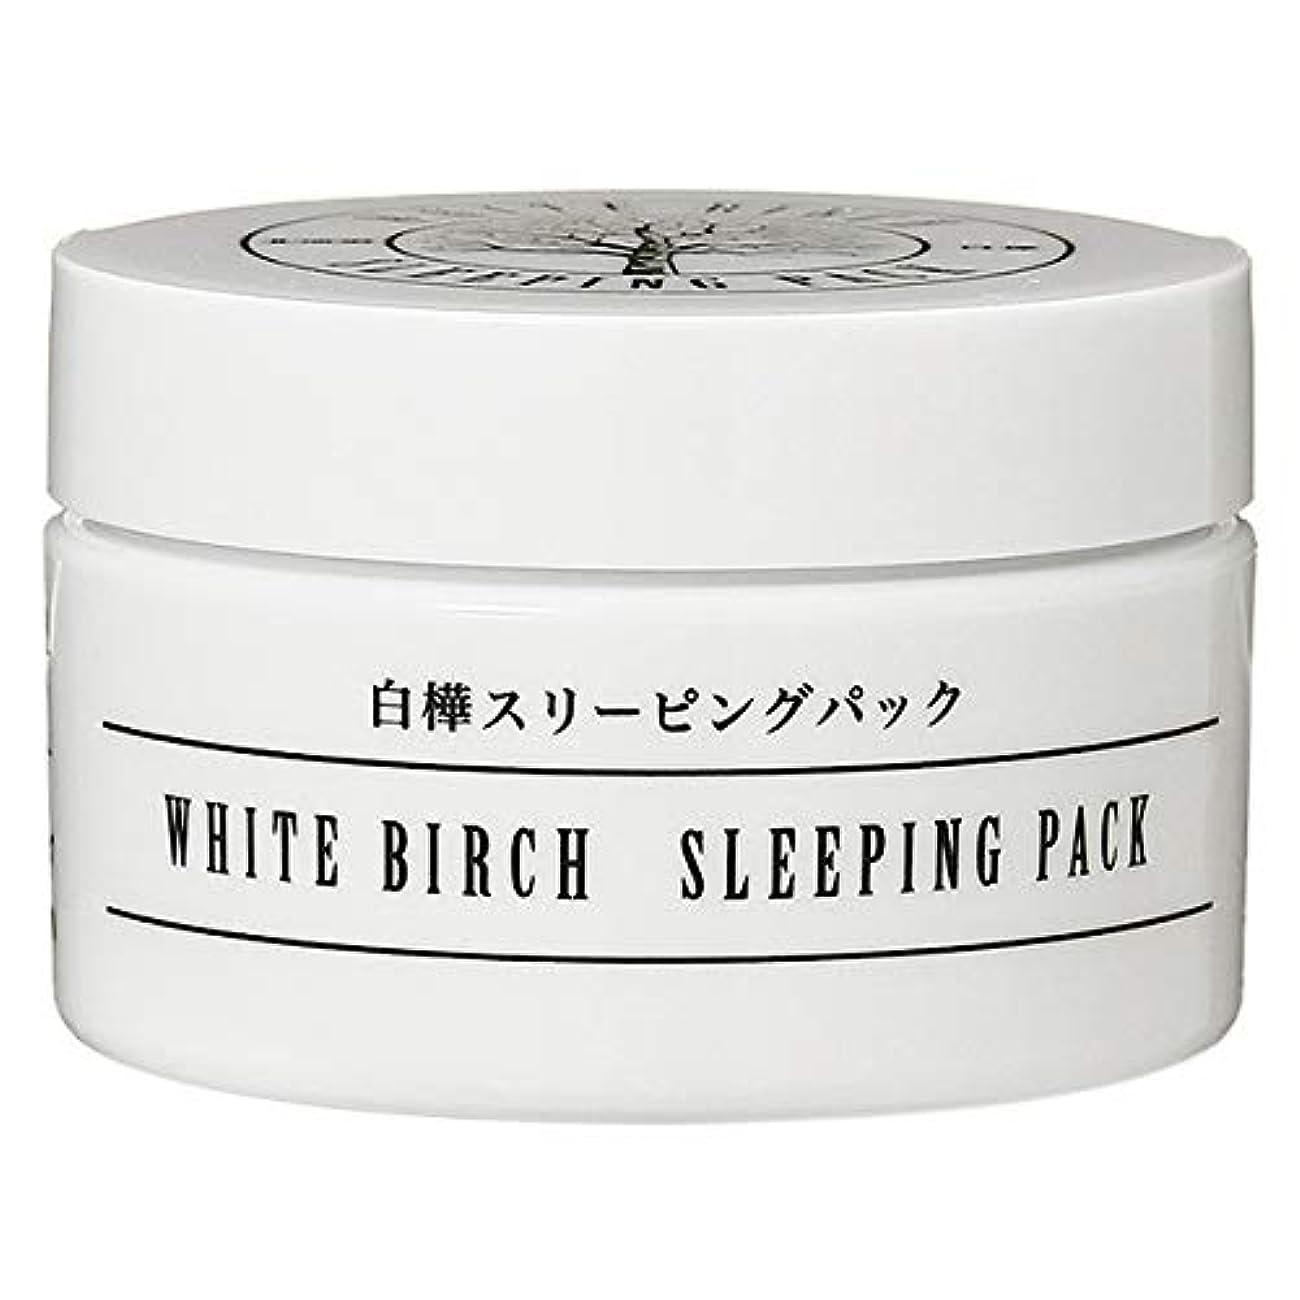 推定皿転送北海道アンソロポロジー 白樺スリーピングパック 80g